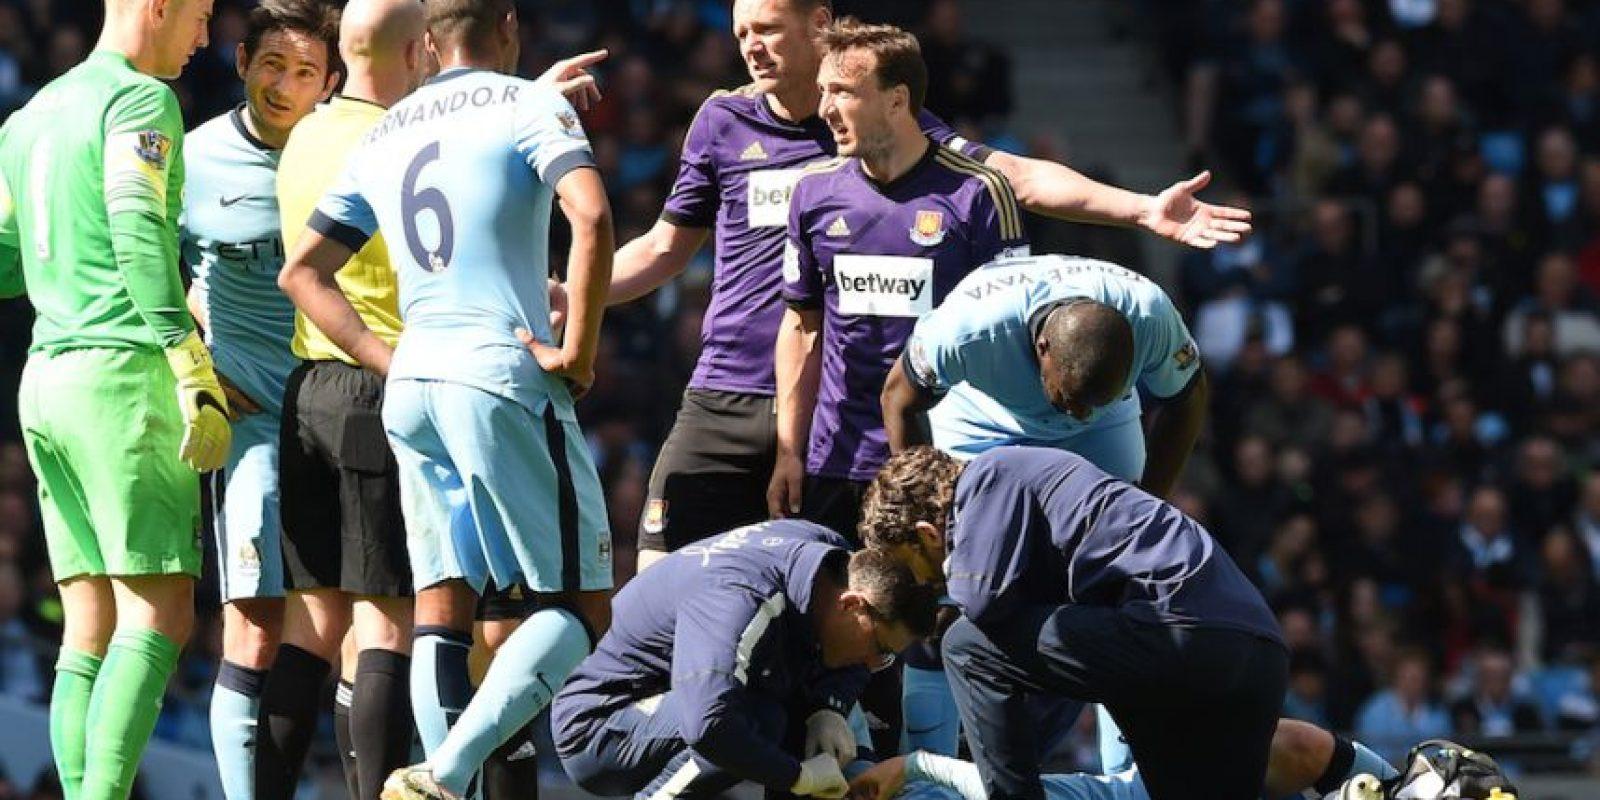 Silva y Cheikh Kouyaté, del West Ham United, tuvieron un fuete contacto. Foto:AFP